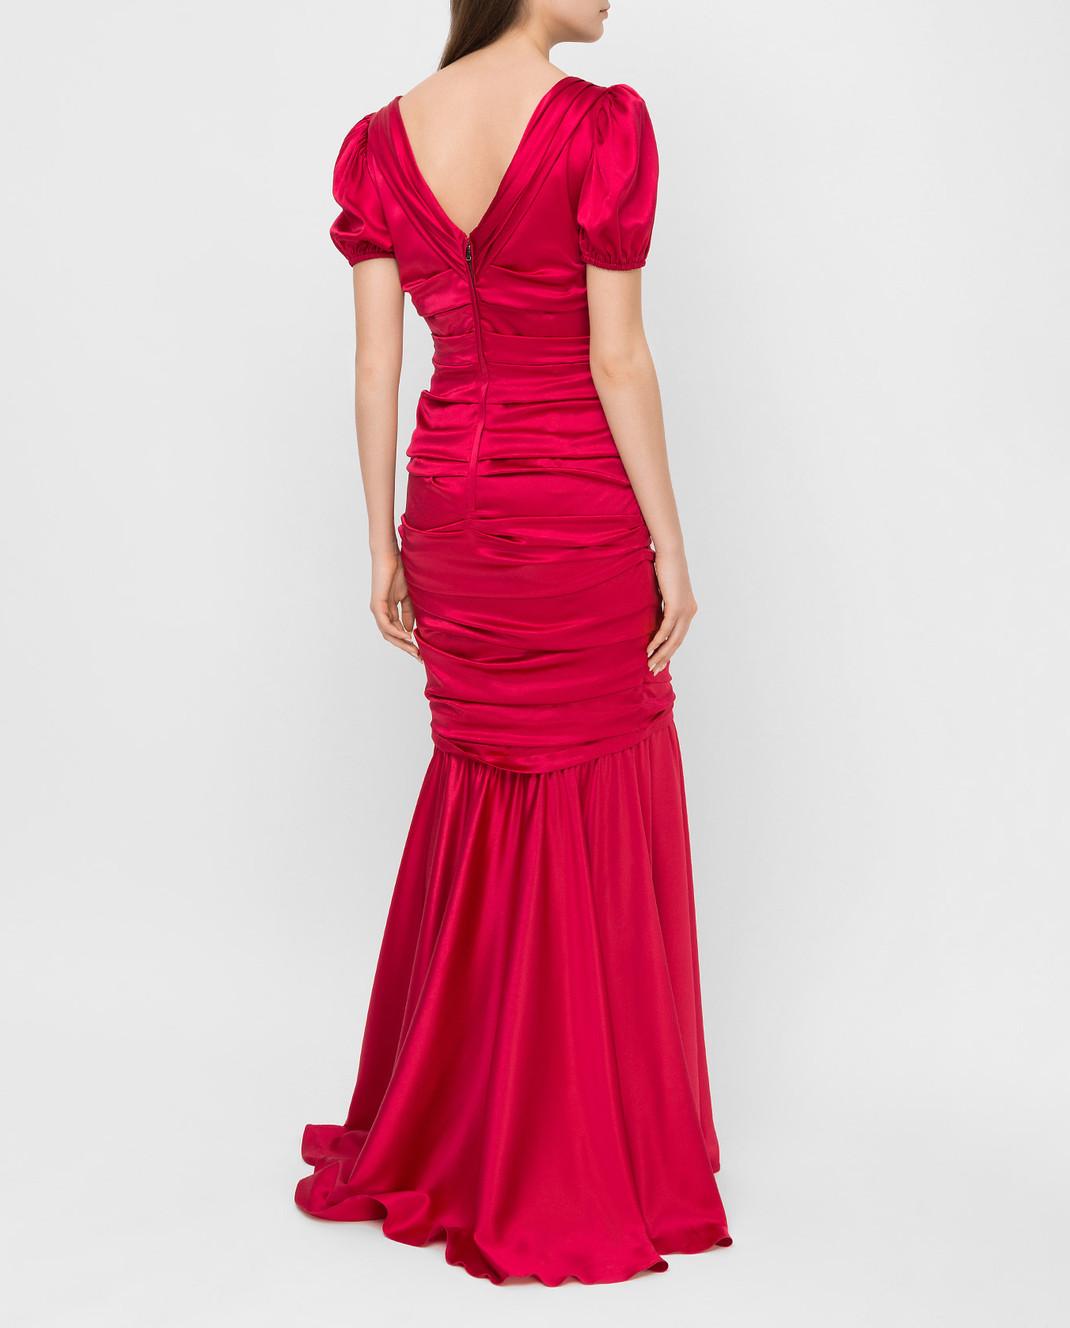 Dolce&Gabbana Красное платье из шелка F62B2TFURAG изображение 4